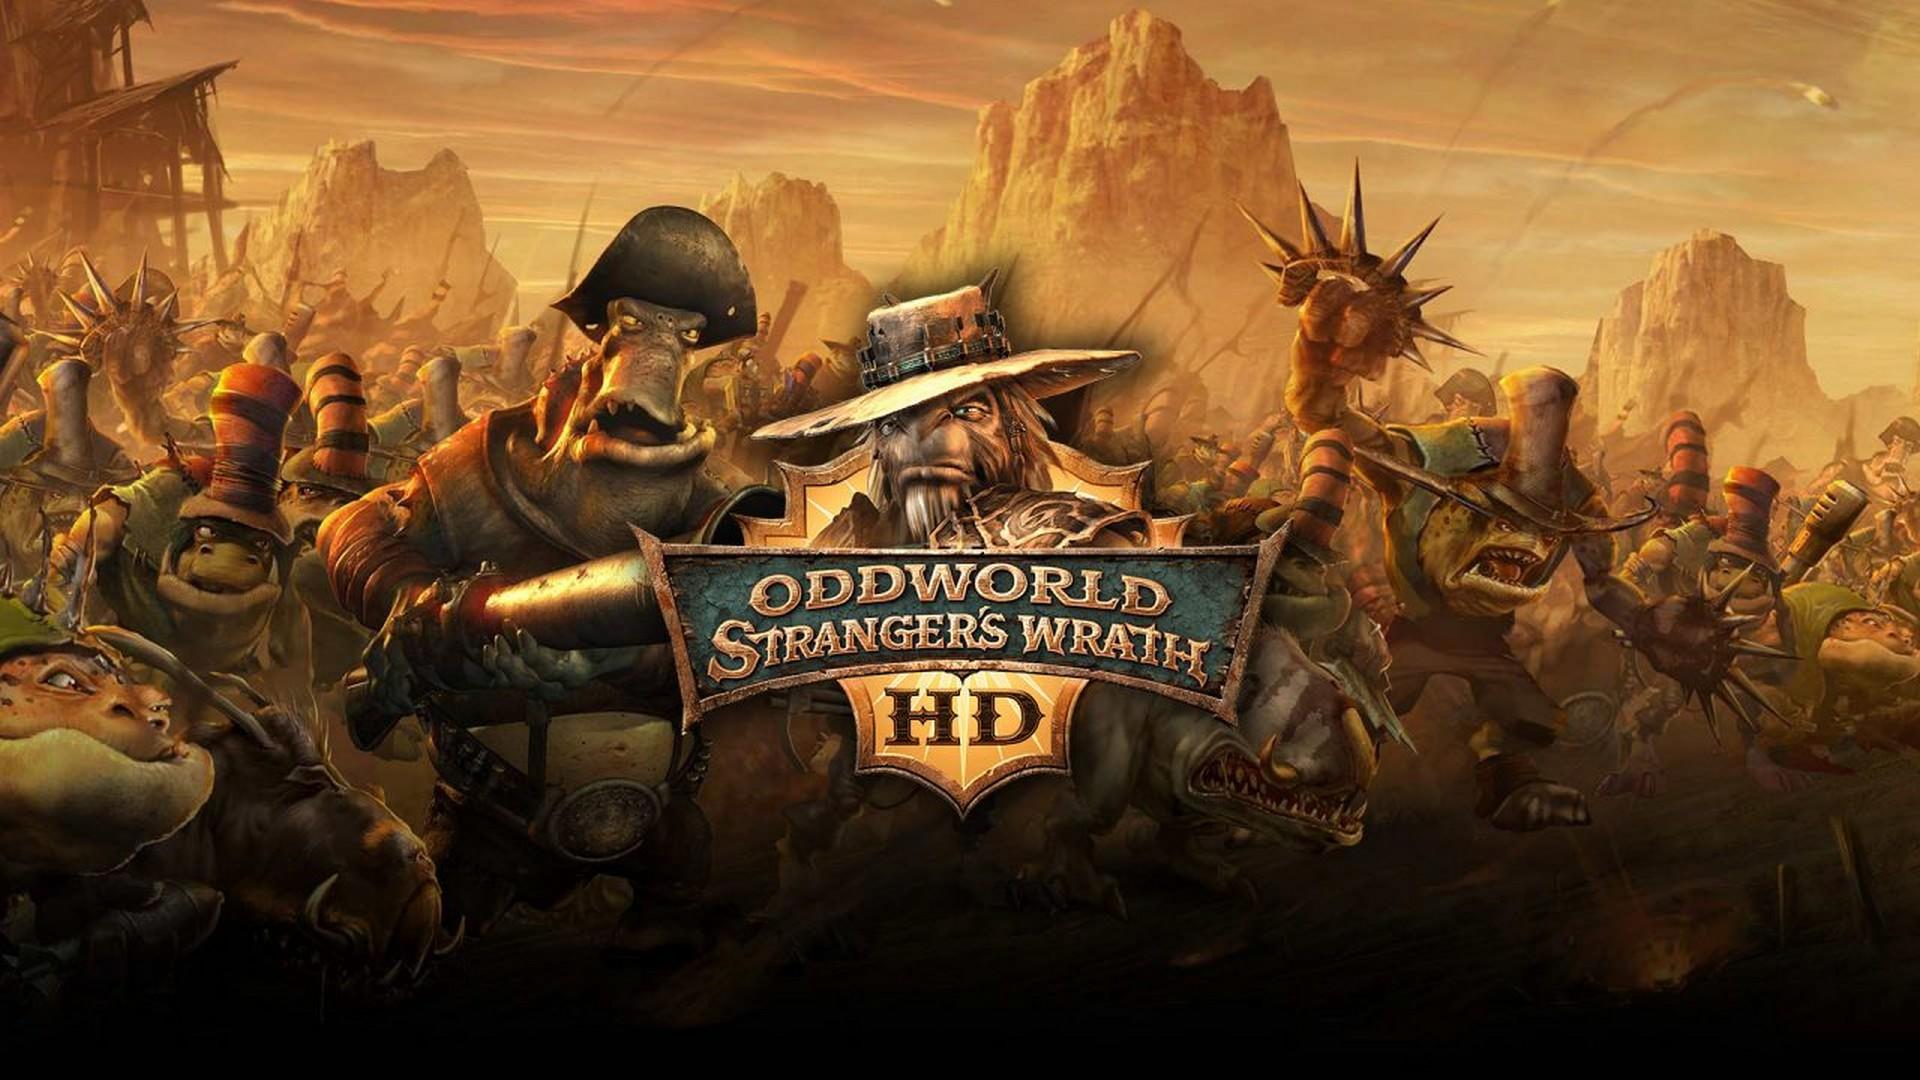 Oddworld: Stranger's Wrath HD Now Available in Australia